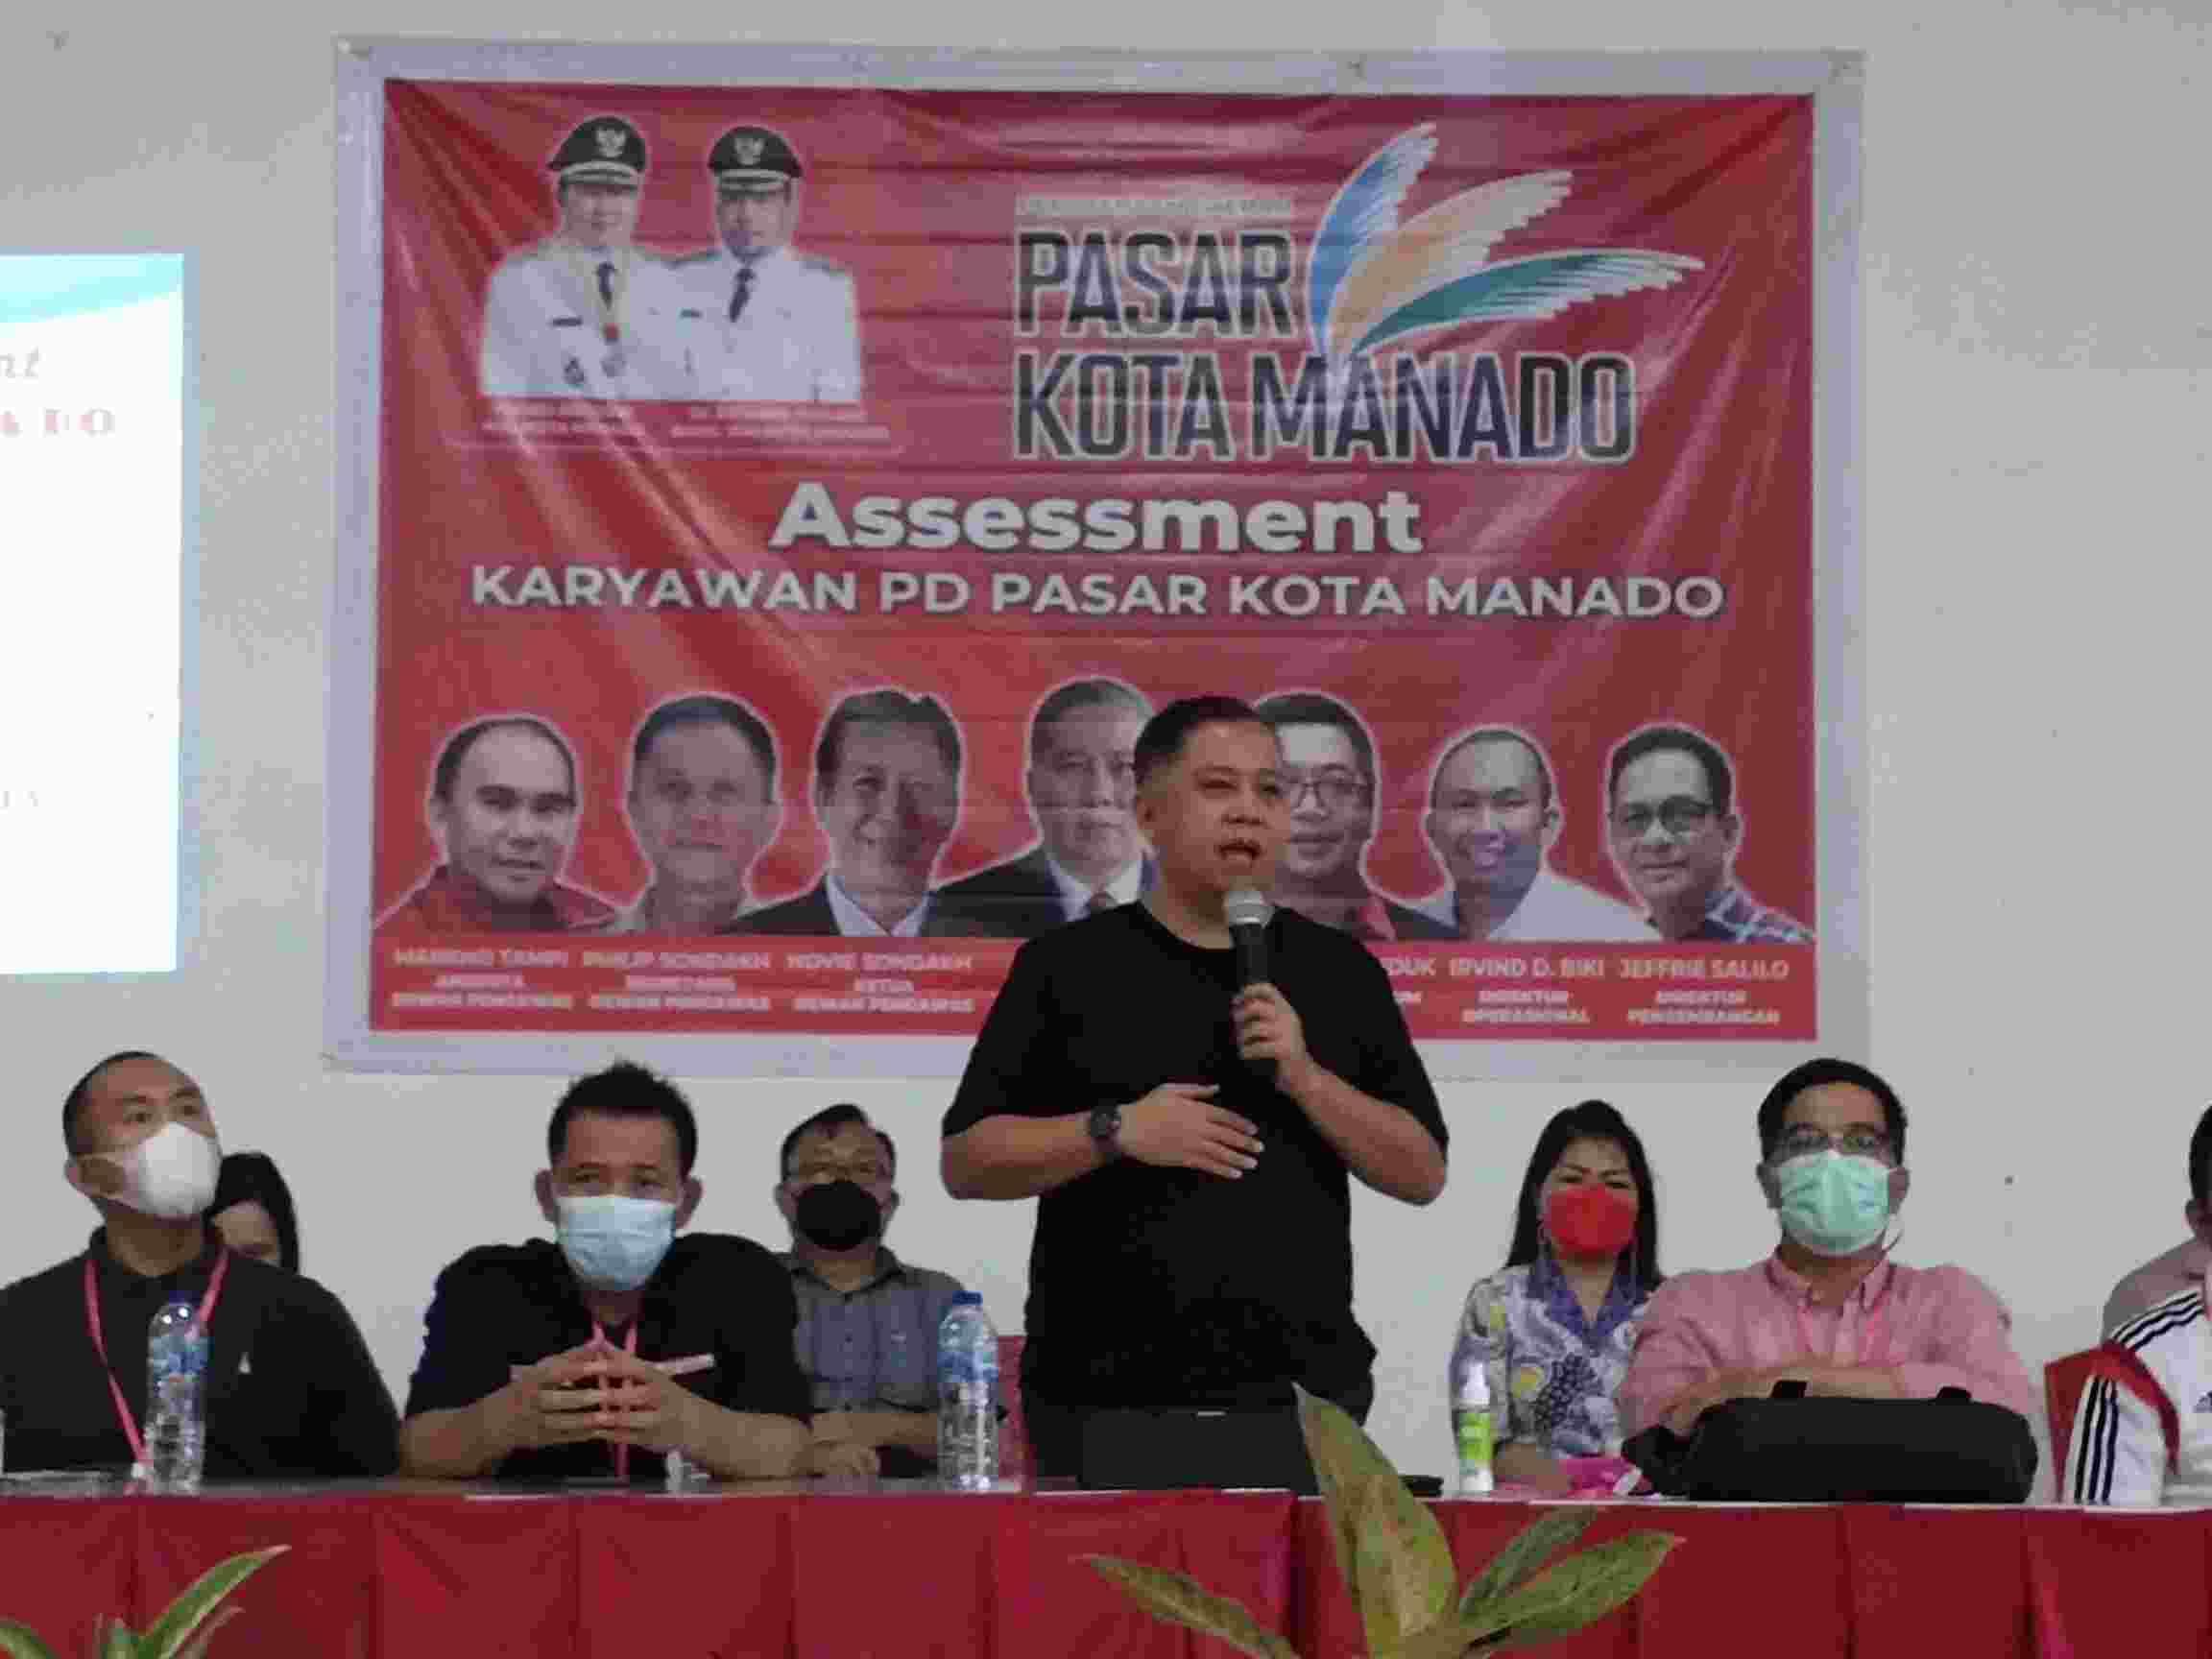 PD Pasar Gelar Assessment Perekrutan Karyawan, Roland Roeroe Pastikan Proses Ini Mengedepankan Asas Profesionalitas